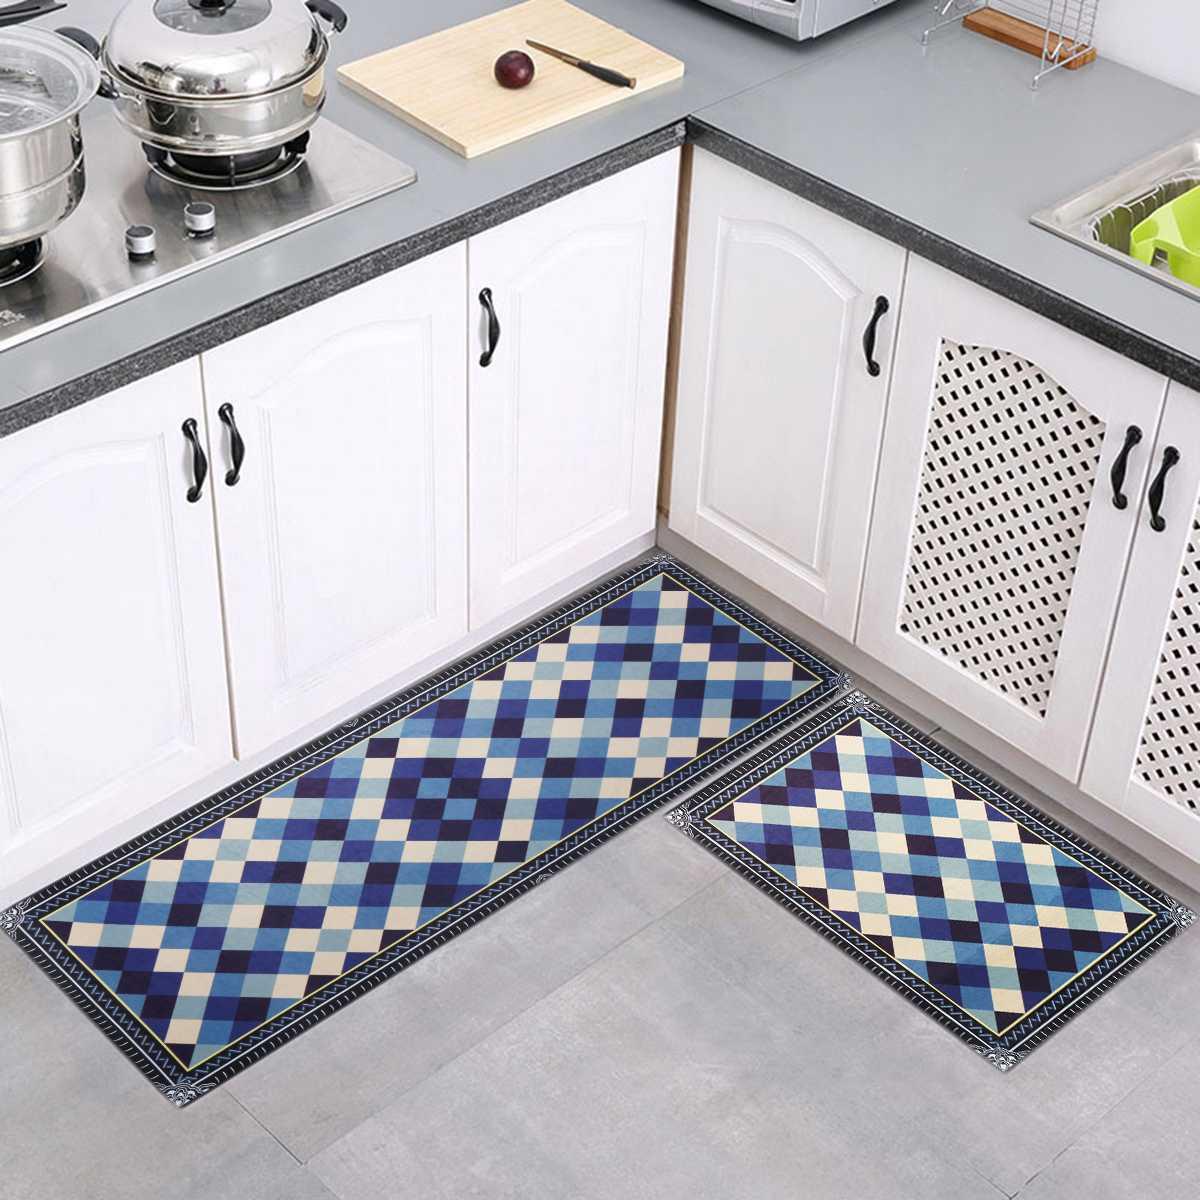 Machine Washable Non Slip Home Kitchen Bath Floor Mat Rug Living Room Balcony Bathroom Door Runner Hallway Carpet Set Doormat